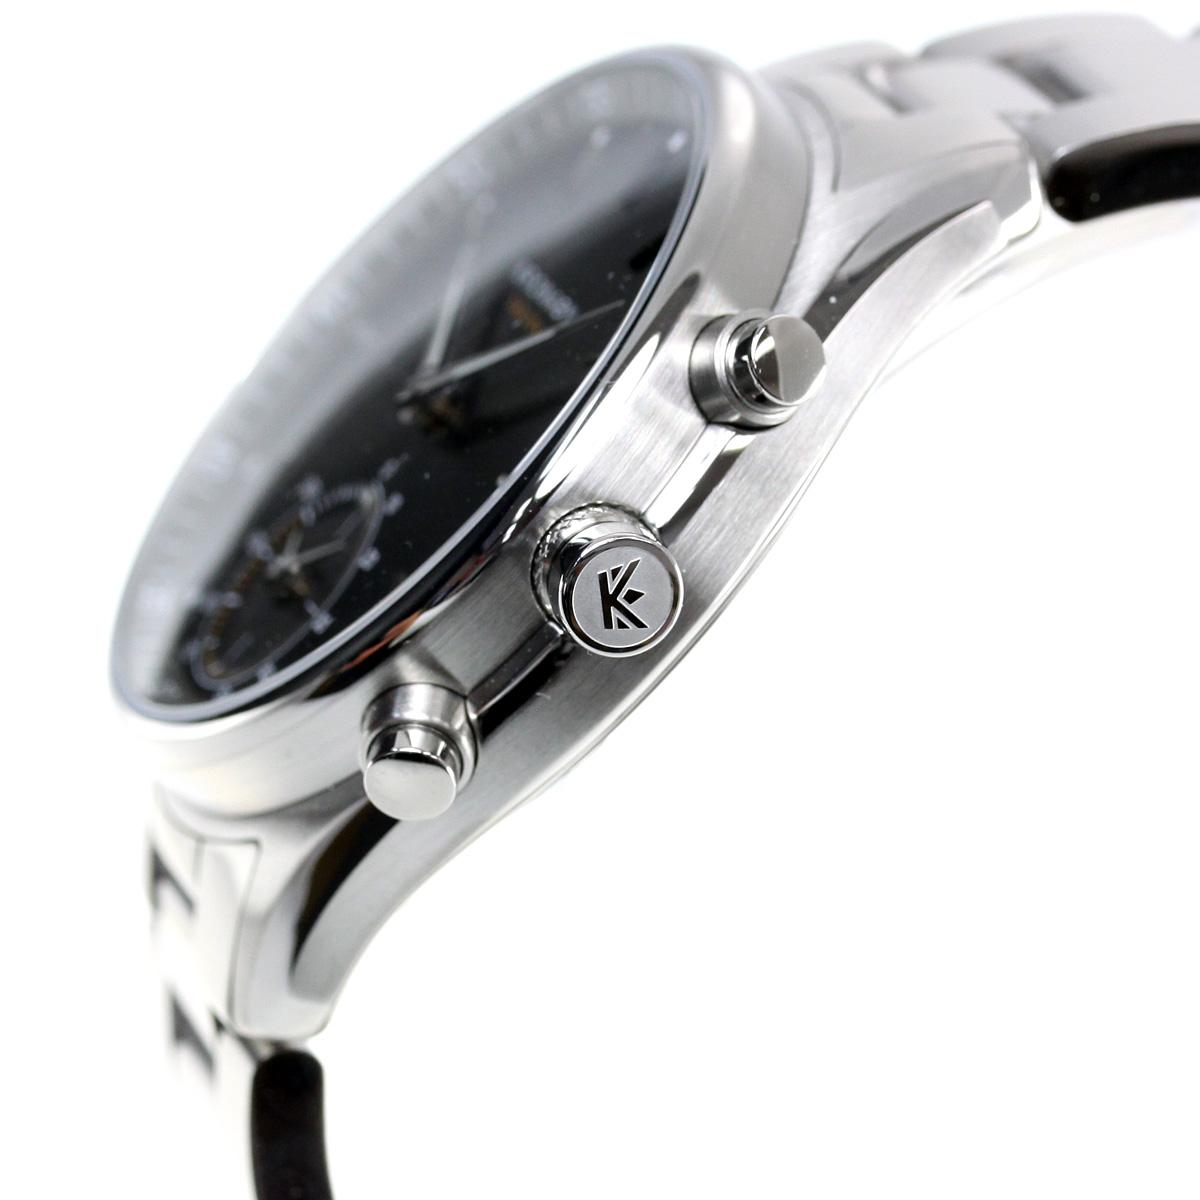 クロナビー KRONABY セーケル SEKEL スマートウォッチ 腕時計 メンズ A1000-1906